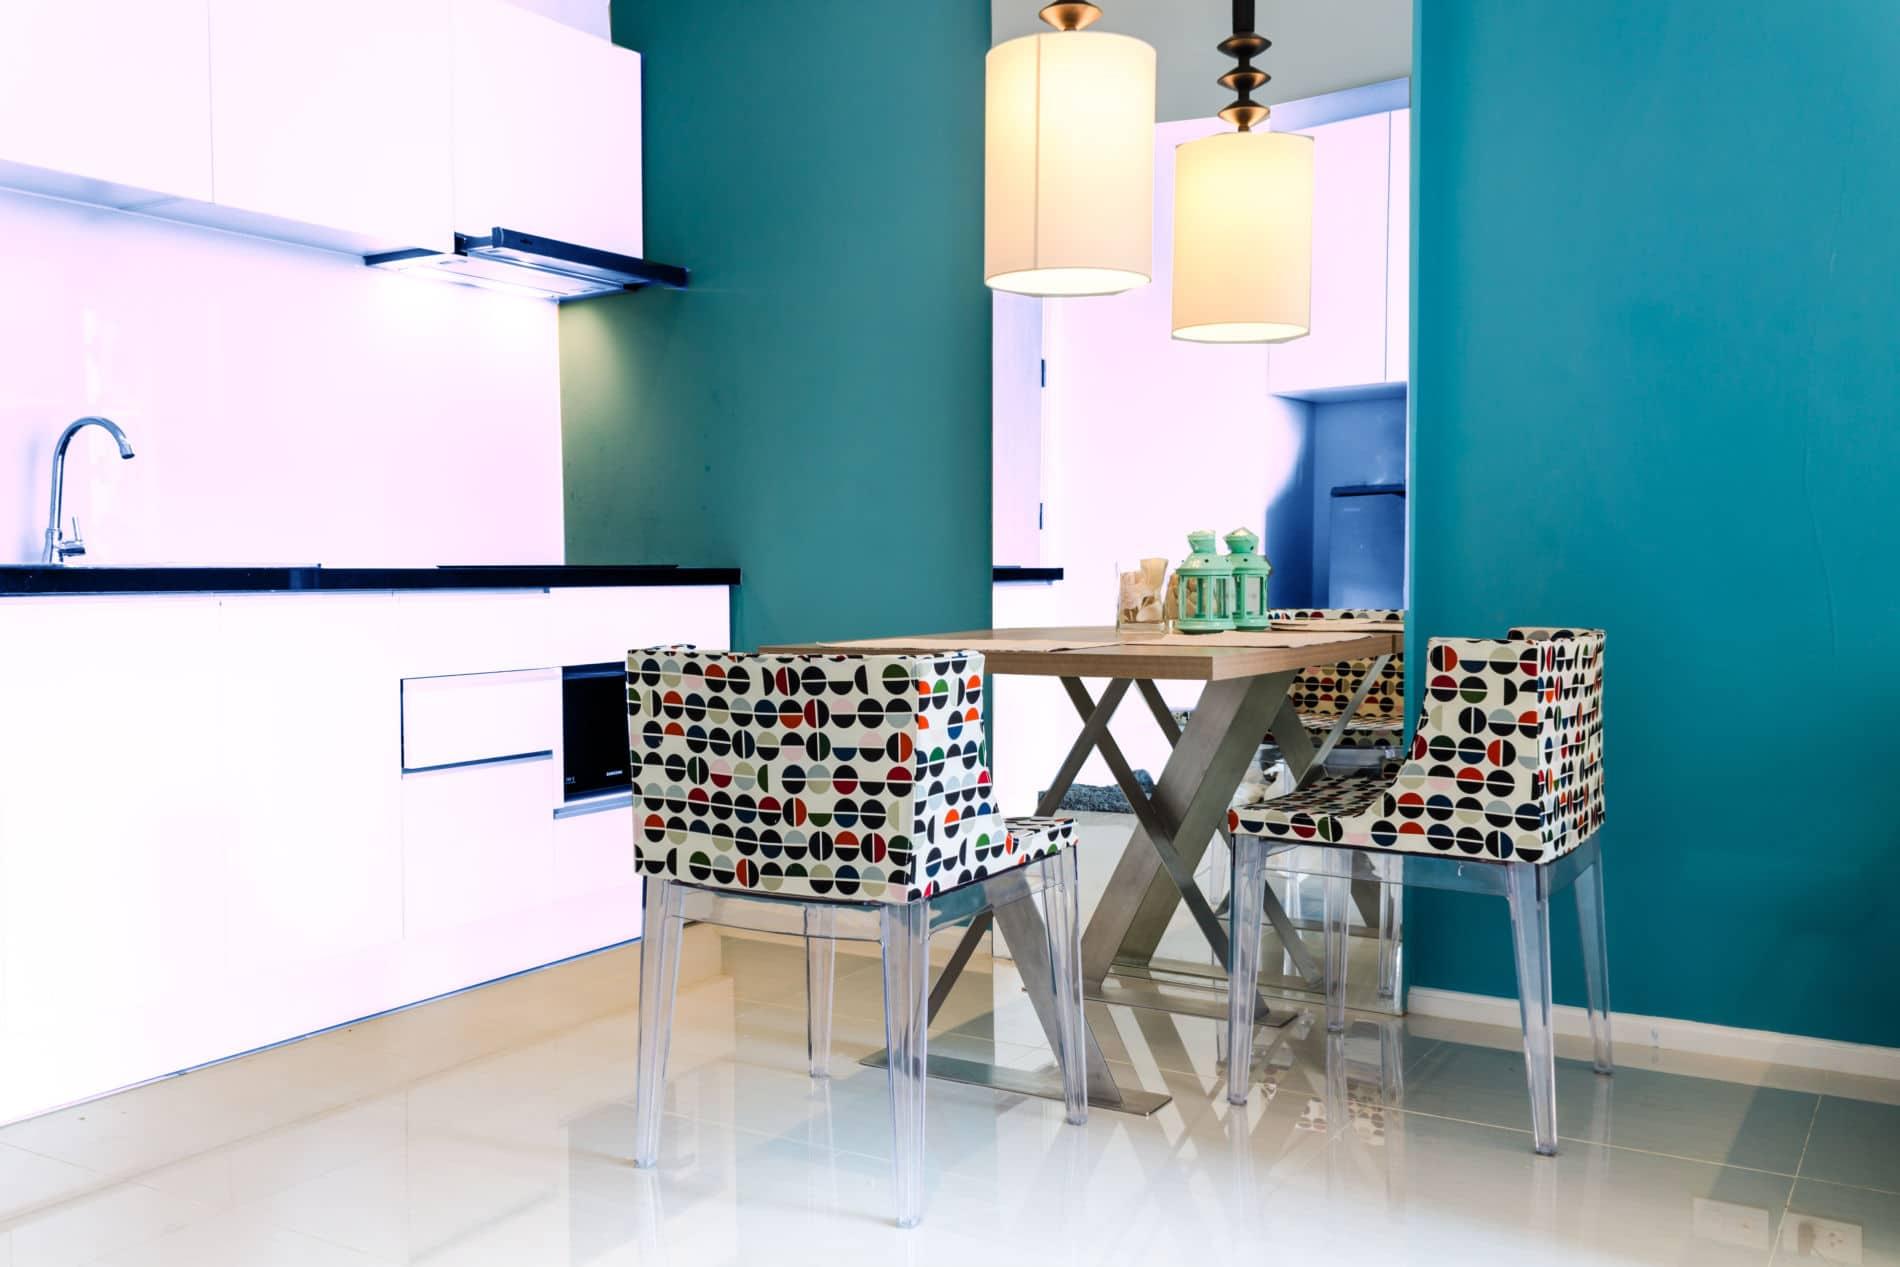 קולקציית מטבחים מודרניים מעוצבים בצבעים ובהתאמה אישית.